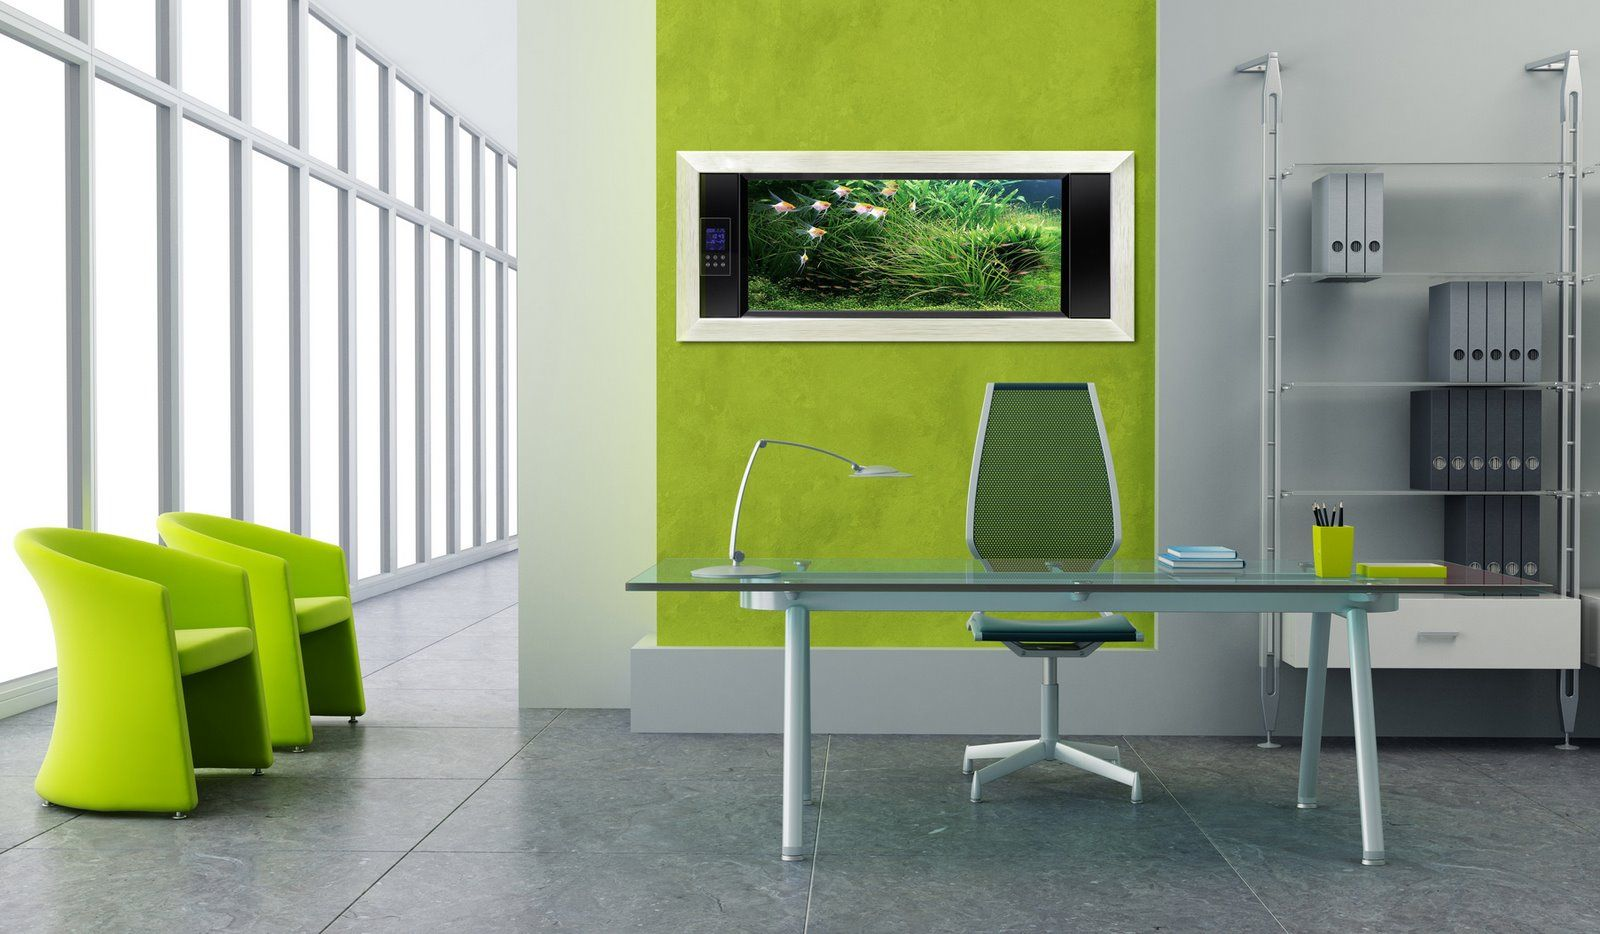 Pared Verde Primer Piso Viniles Pinterest Paredes Verdes  # Muebles Gutierrez Cortes De La Frontera